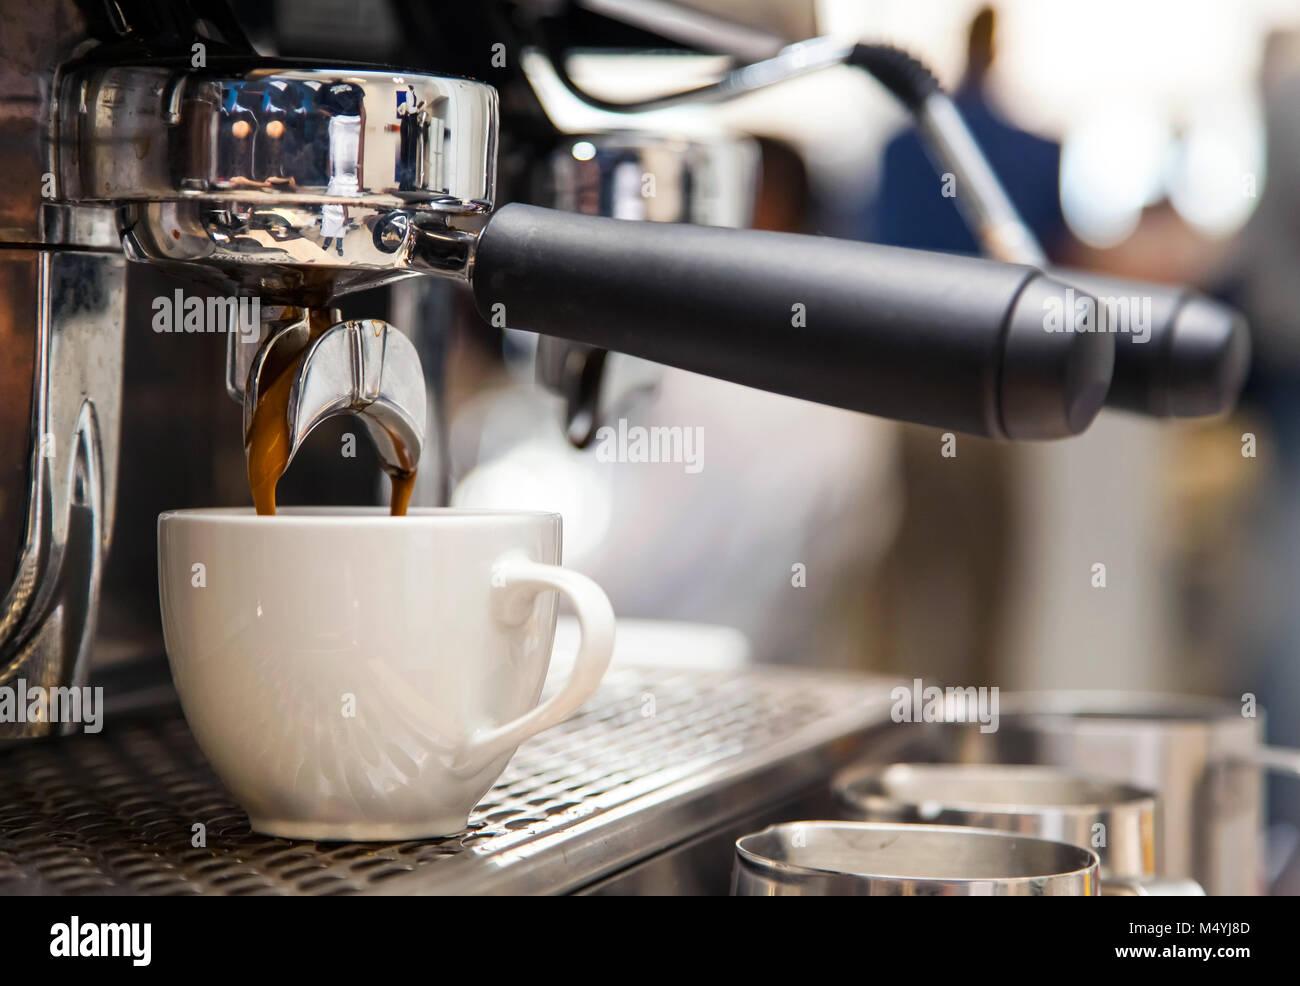 Cerca del café en taza de barista, la máquina de café. Americano. Imagen De Stock